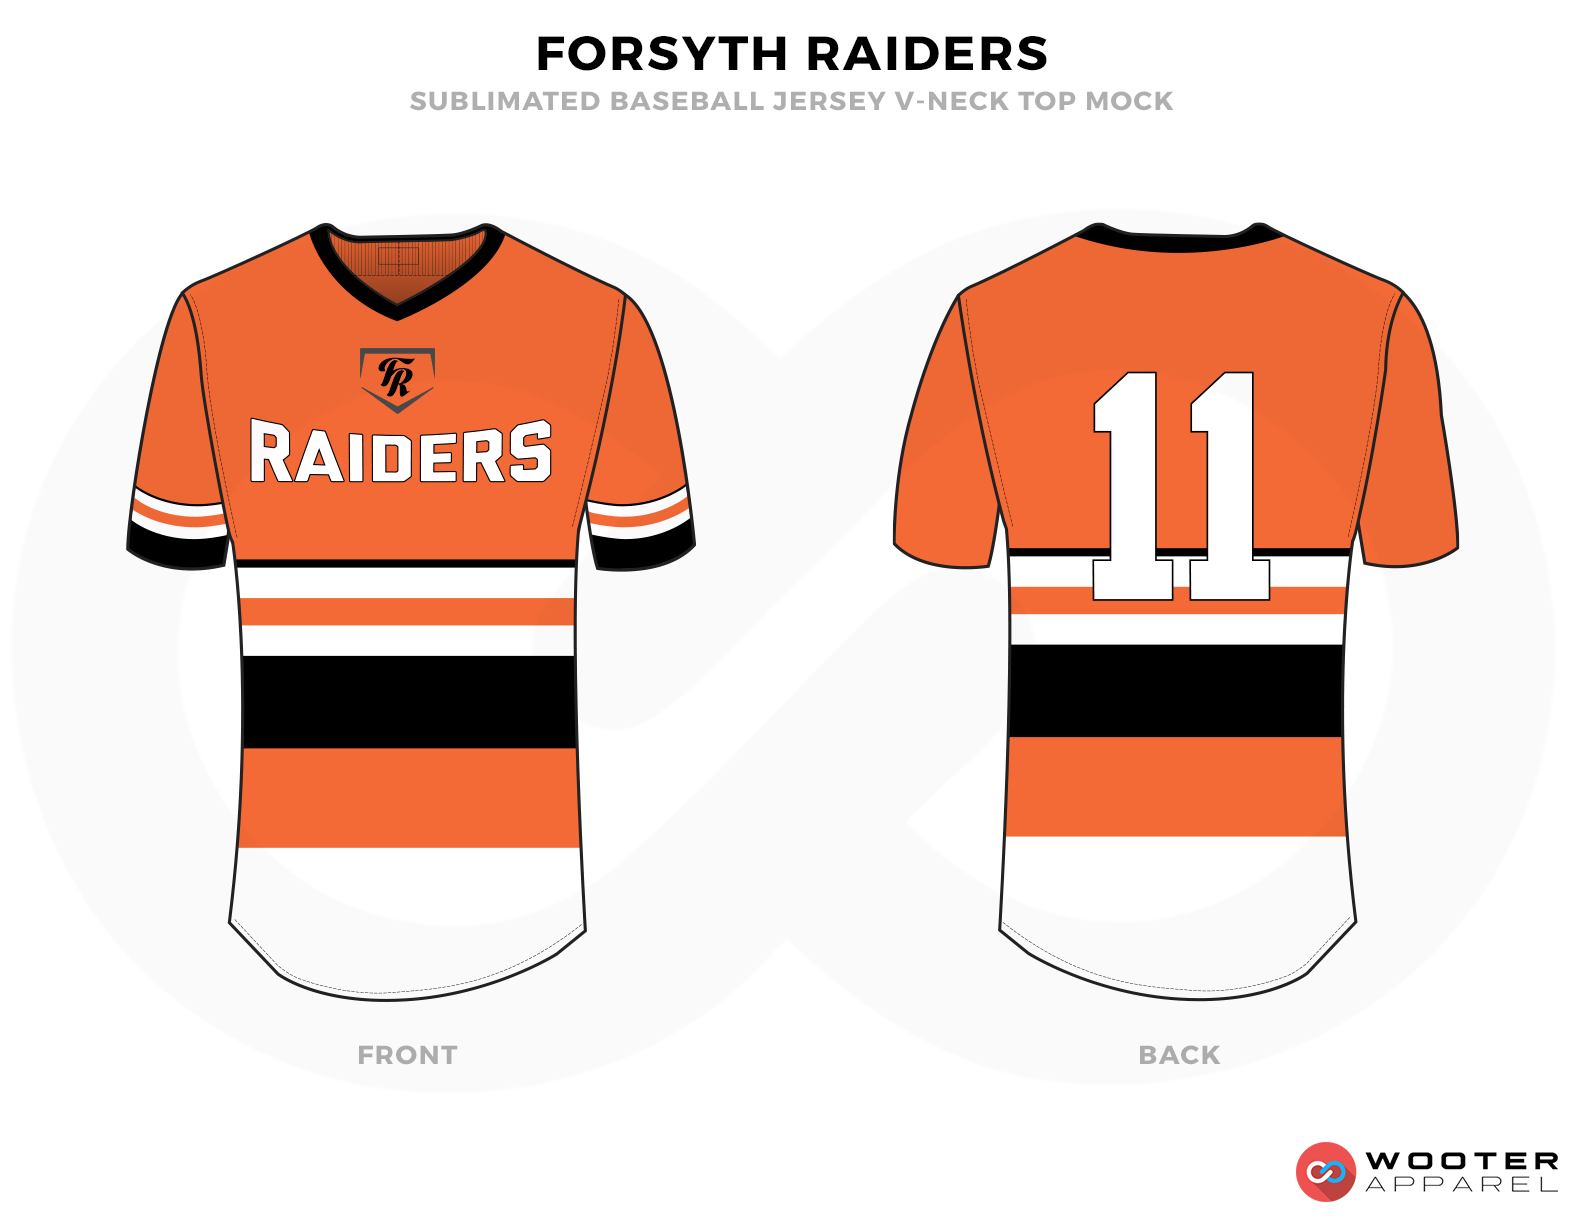 ForsythRaiders-BaseballUniform-Top-Orange-mock.png